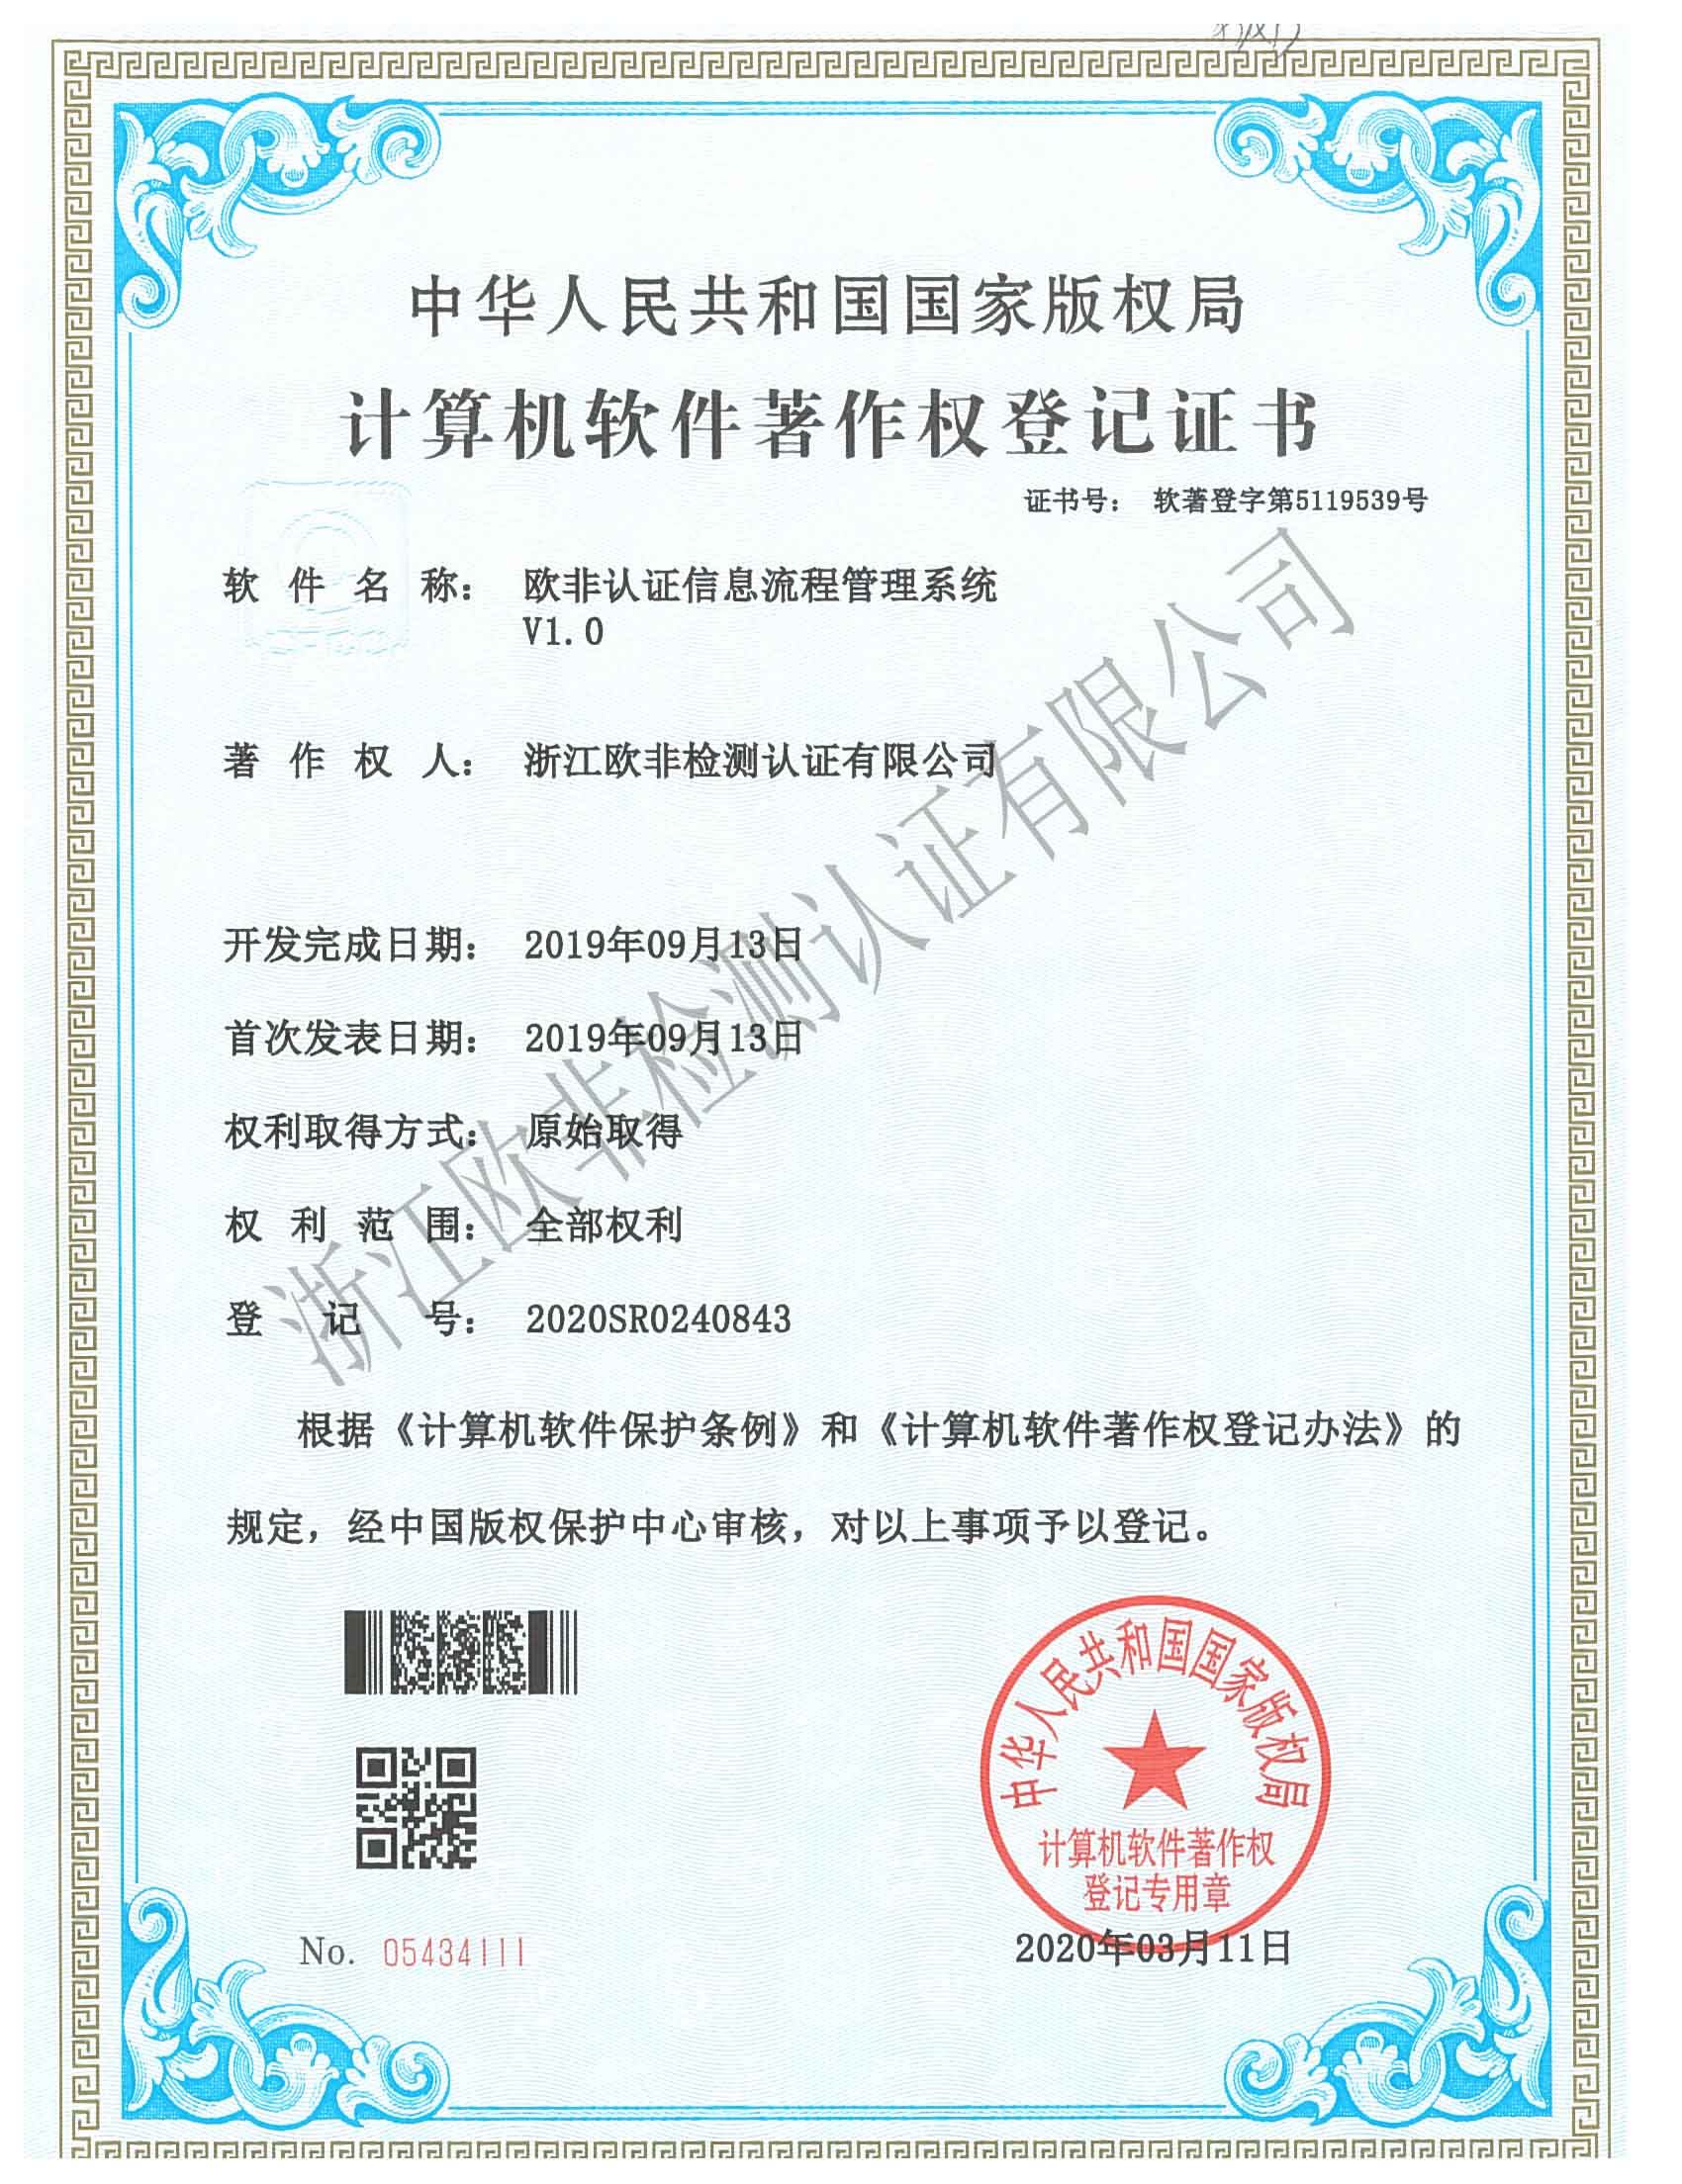 欧非认证信息流程管理系统